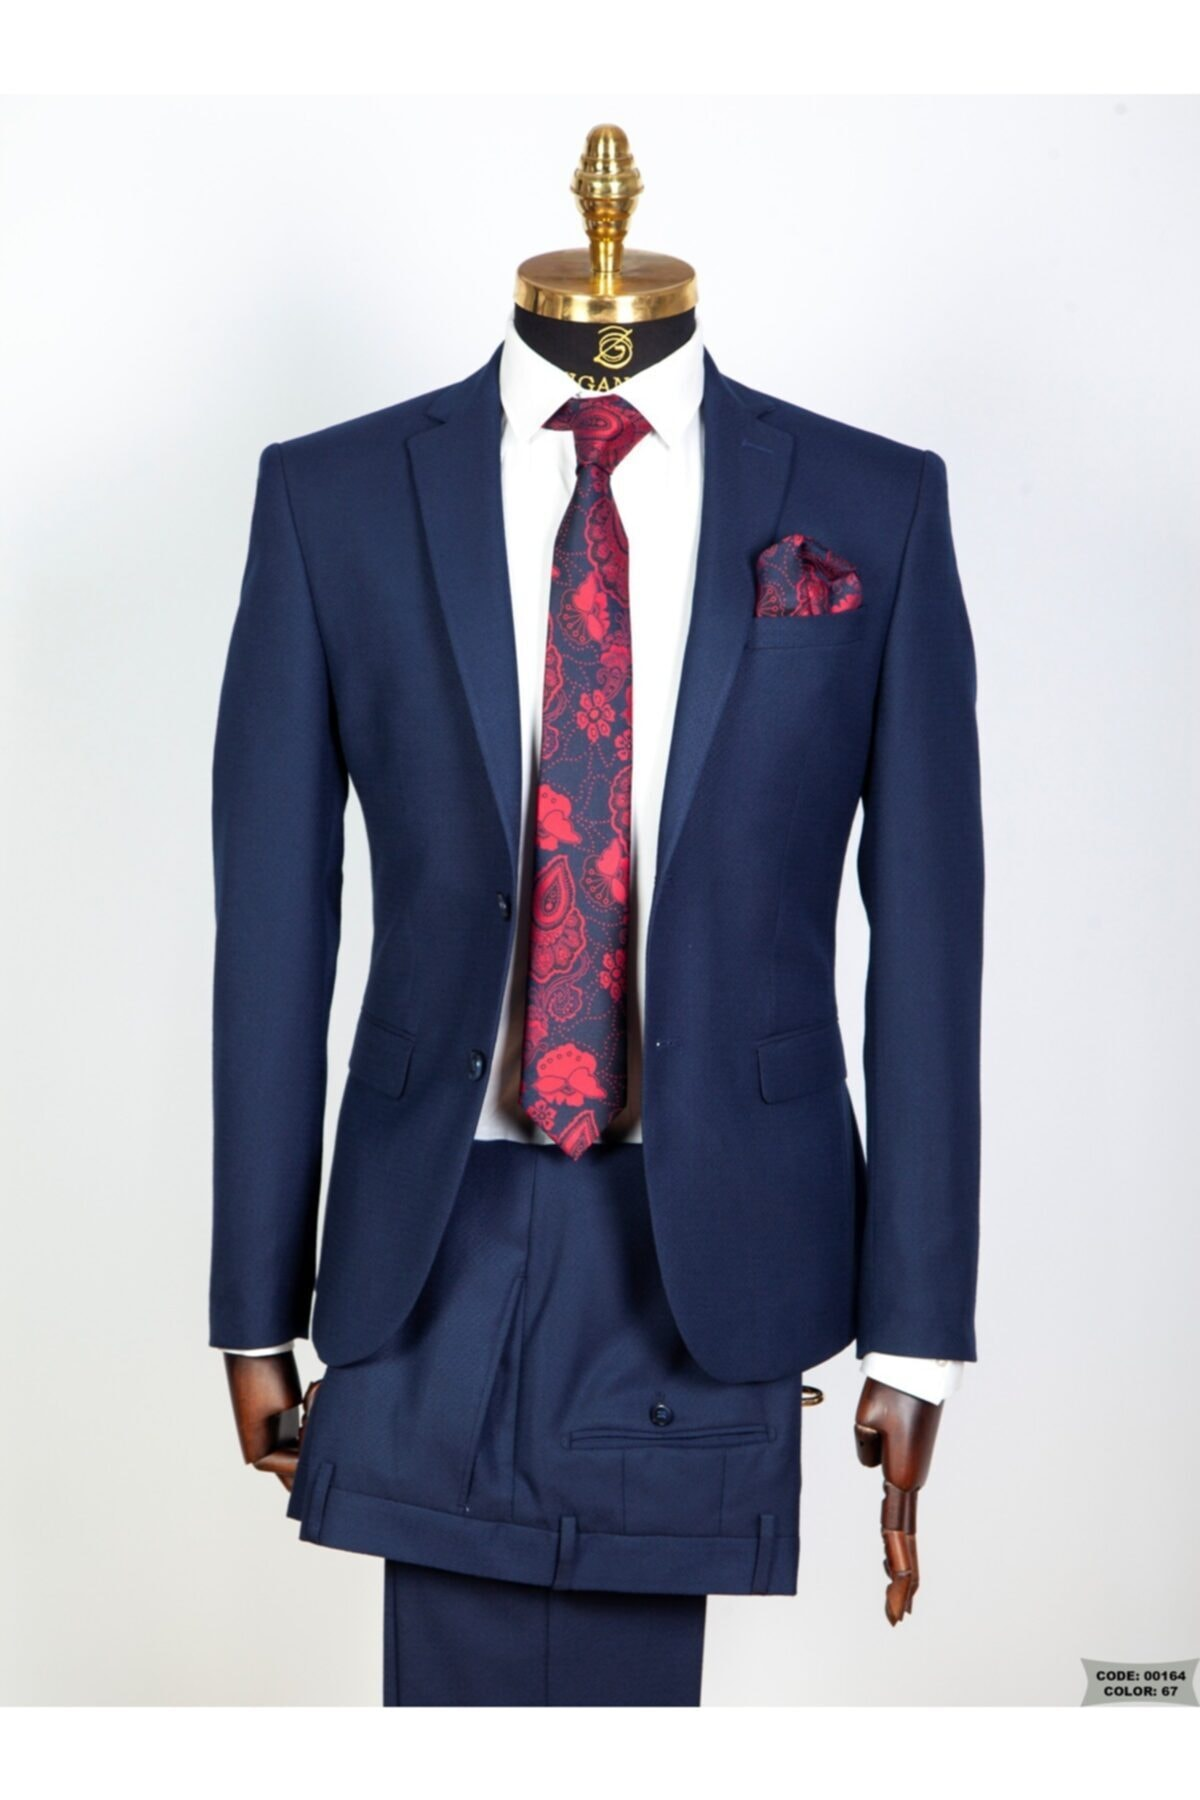 فروش نقدی کت شلوار مردانه خاص برند ZIGANALI رنگ لاجوردی کد ty41276975